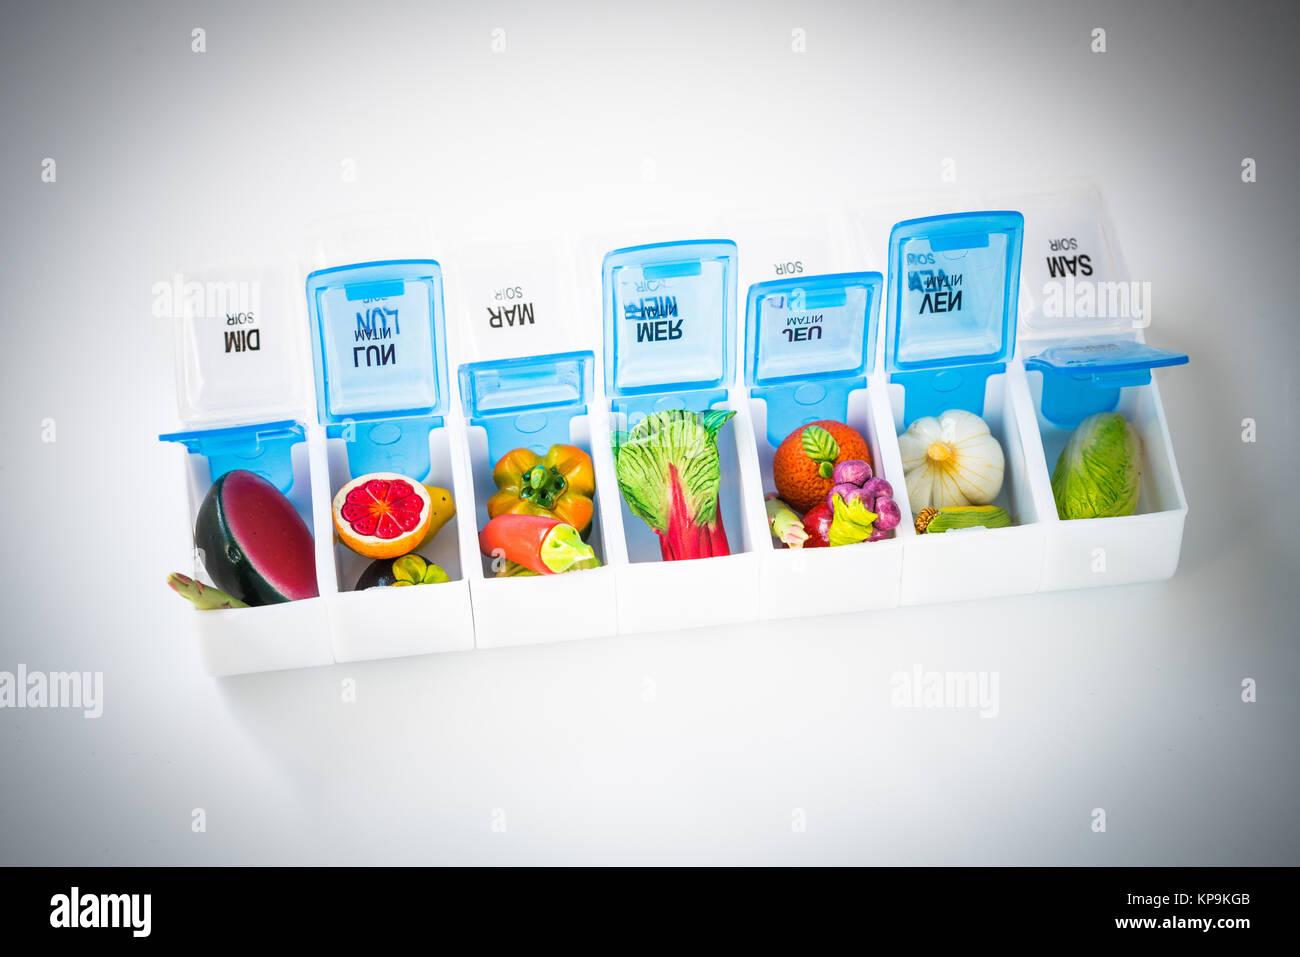 Konzeptionelle Bild zu illustrieren, dass eine gesunde Ernährung (Obst und Gemüse) verhindert, dass bestimmte Stockbild